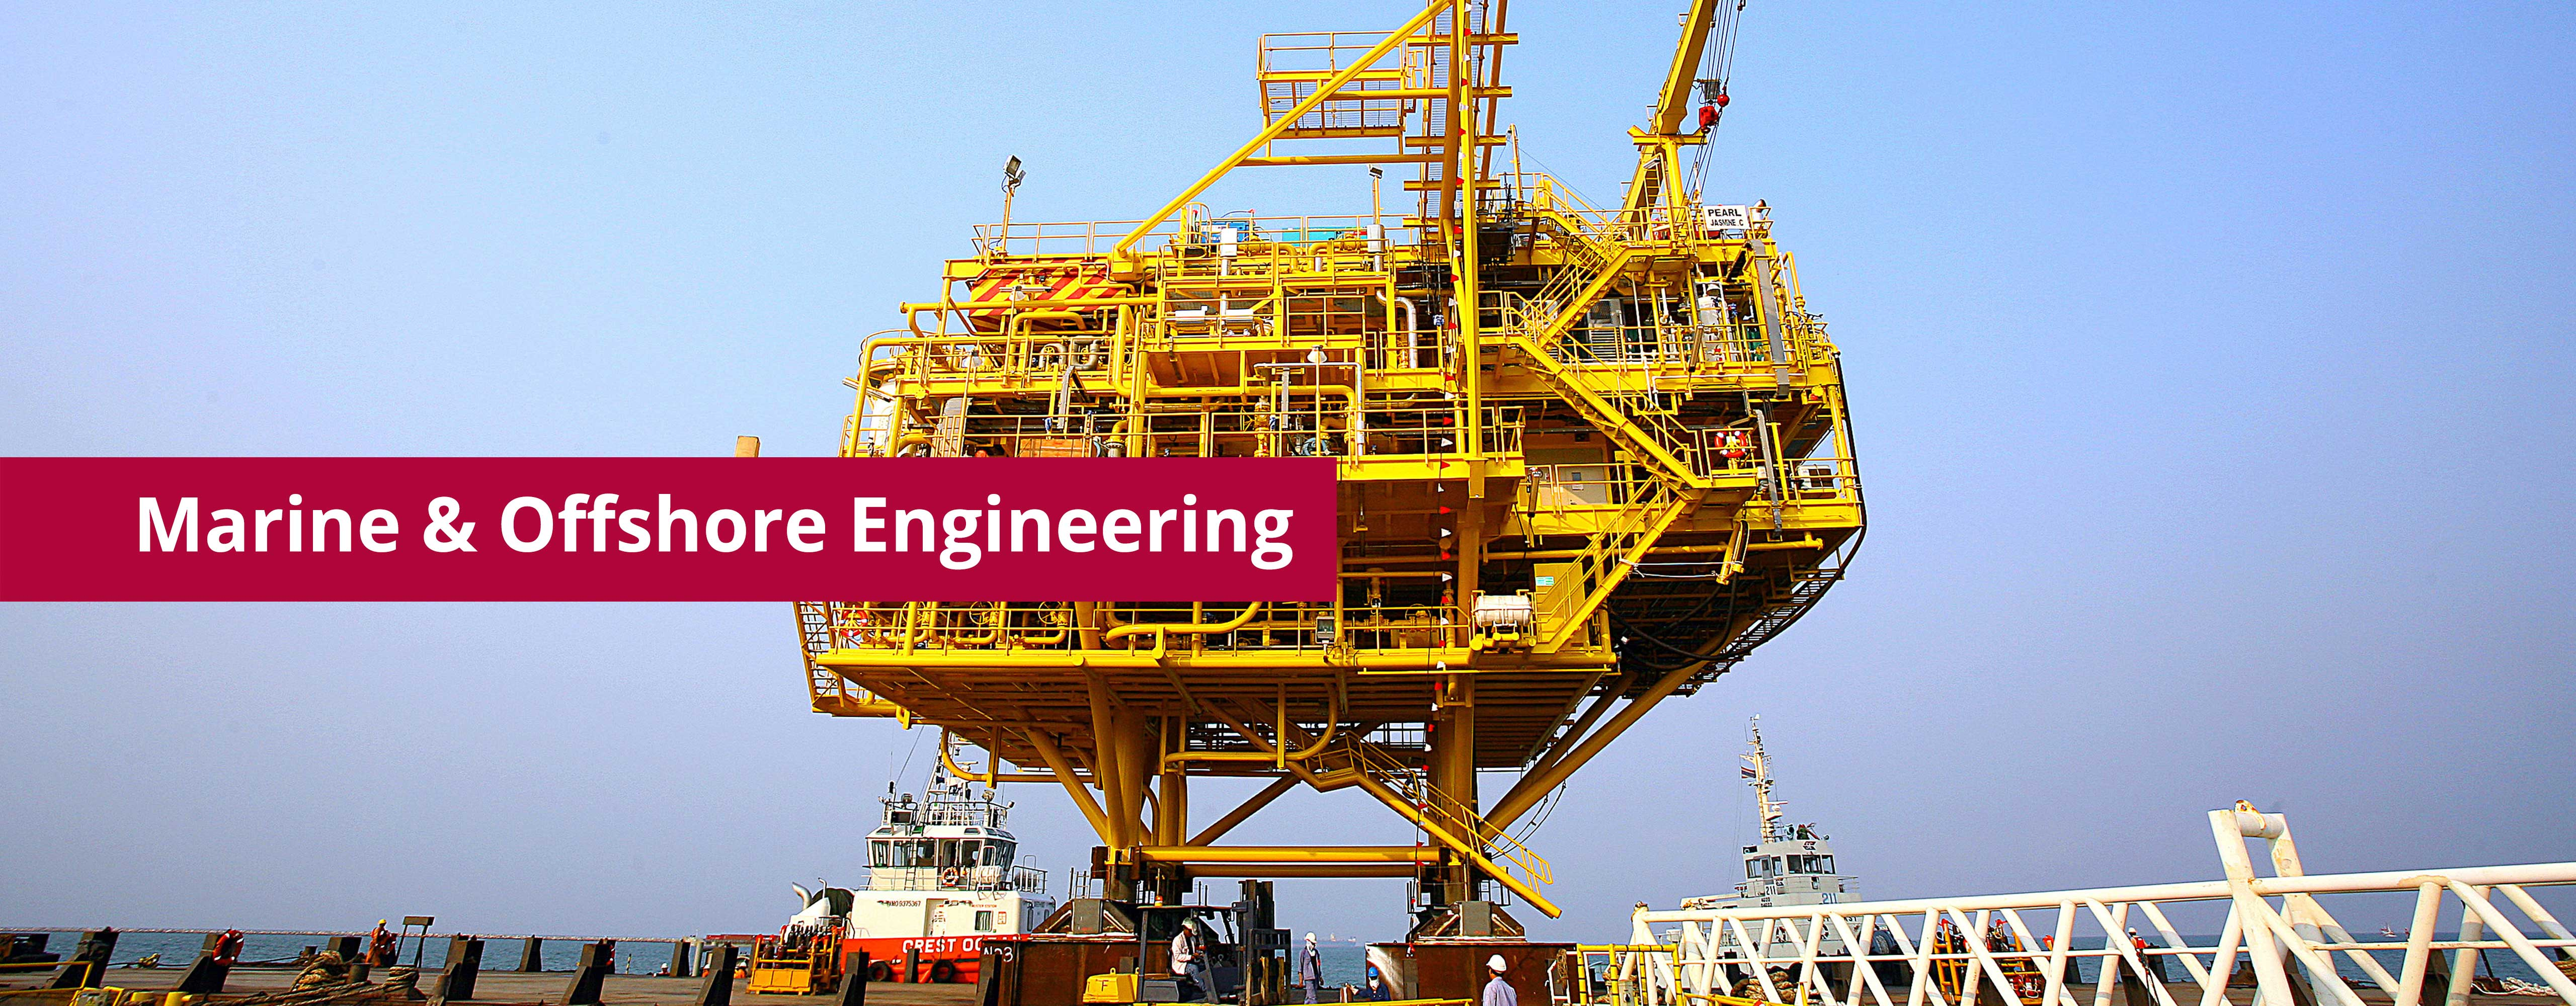 Carousel_Marine&OffshoreEngineering